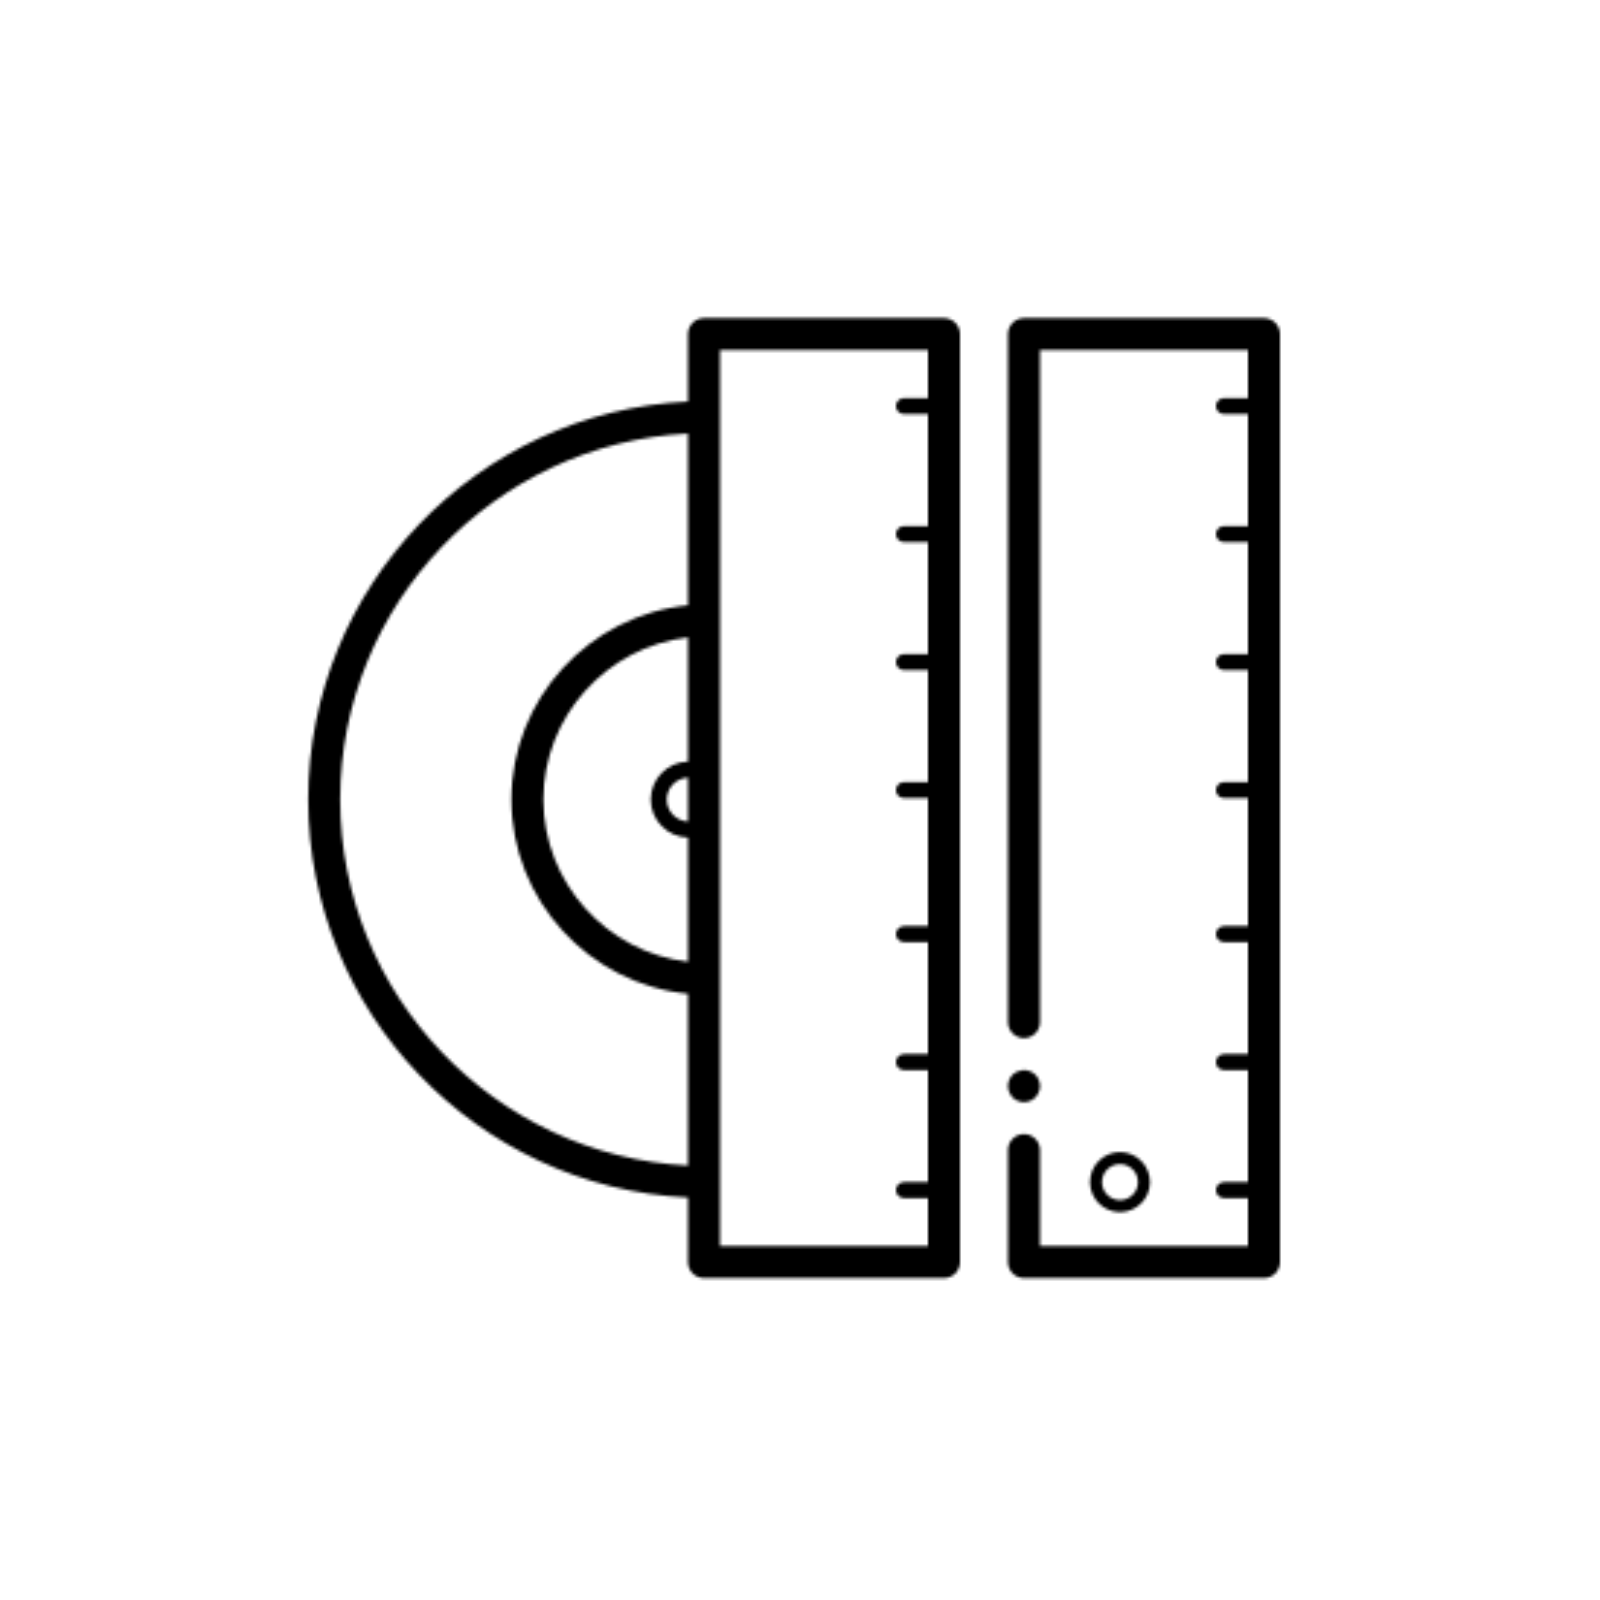 Measurement Tool icon